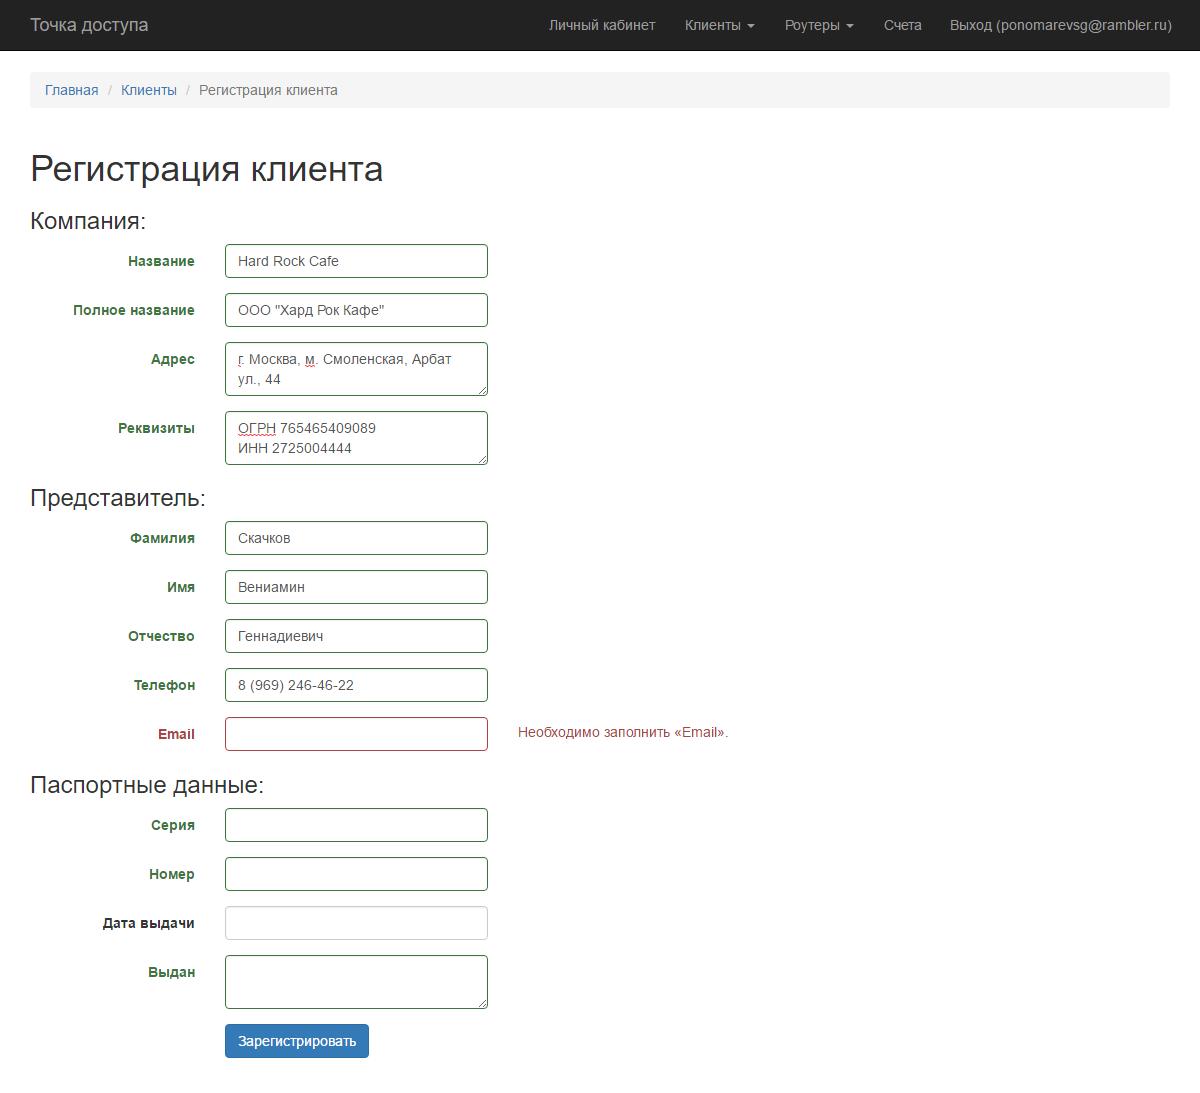 Создание регистрацию посетителя на сайте волжская нефтяная компания сайт